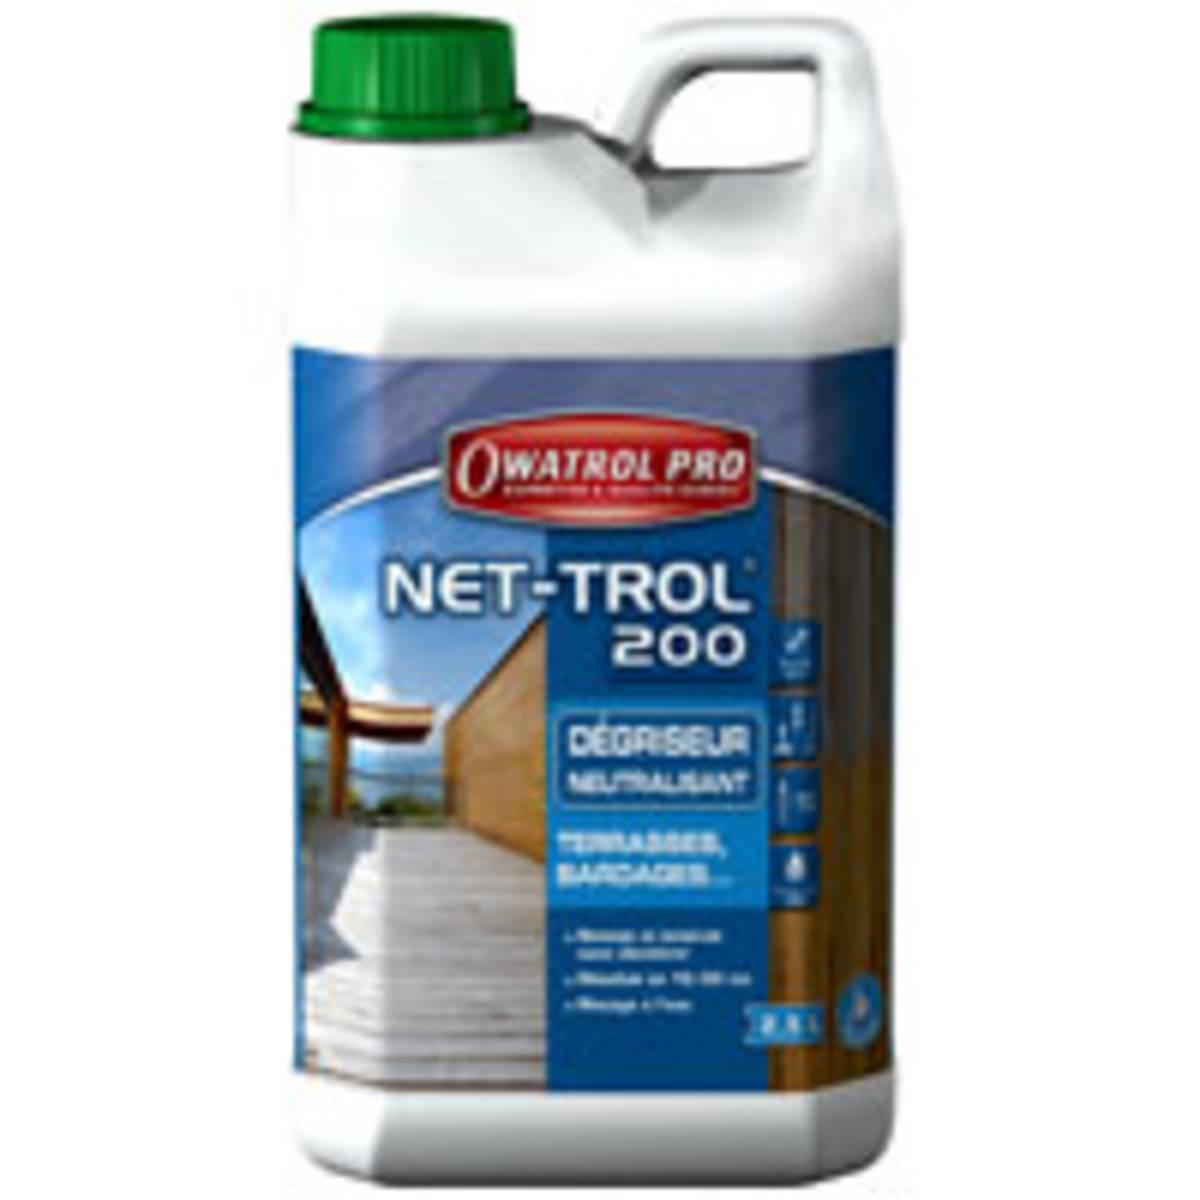 Dégriseur neutralisant gélifié tous bois NET-ROL 200 - bidon de 2,5 litres